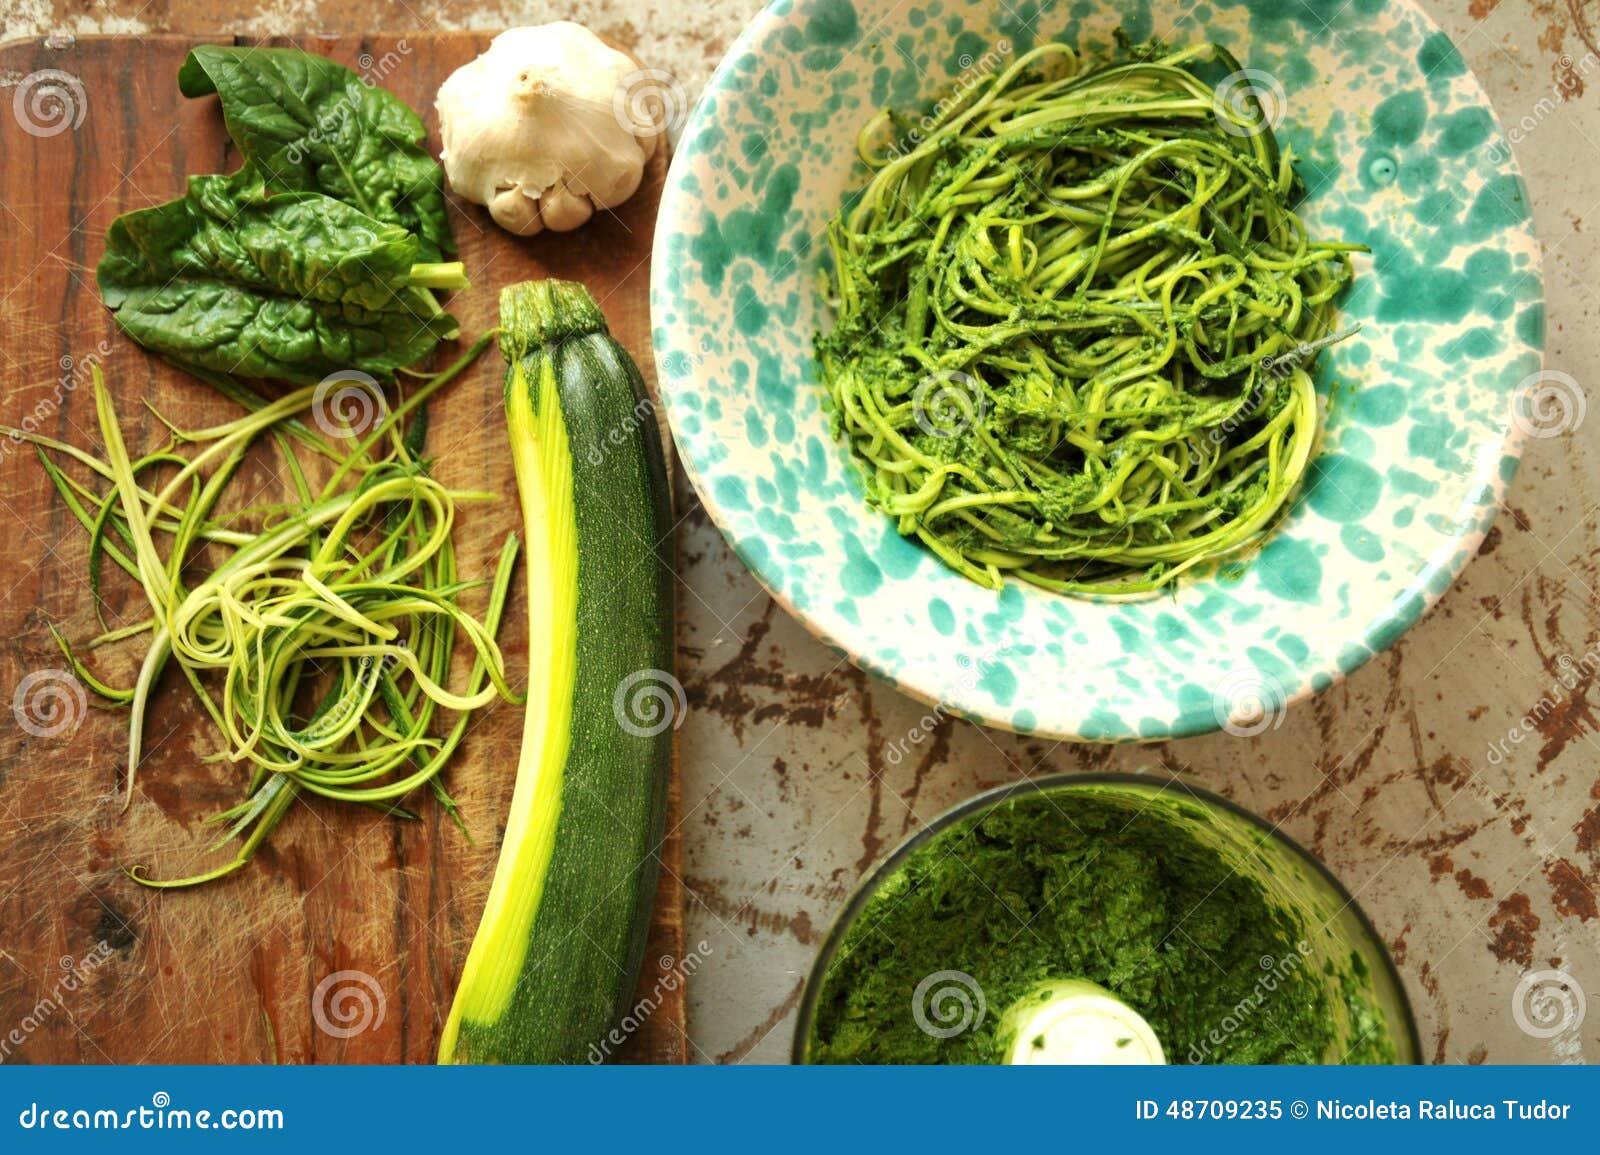 Rå pasta med zucchini- och spenatpesto med vitlök